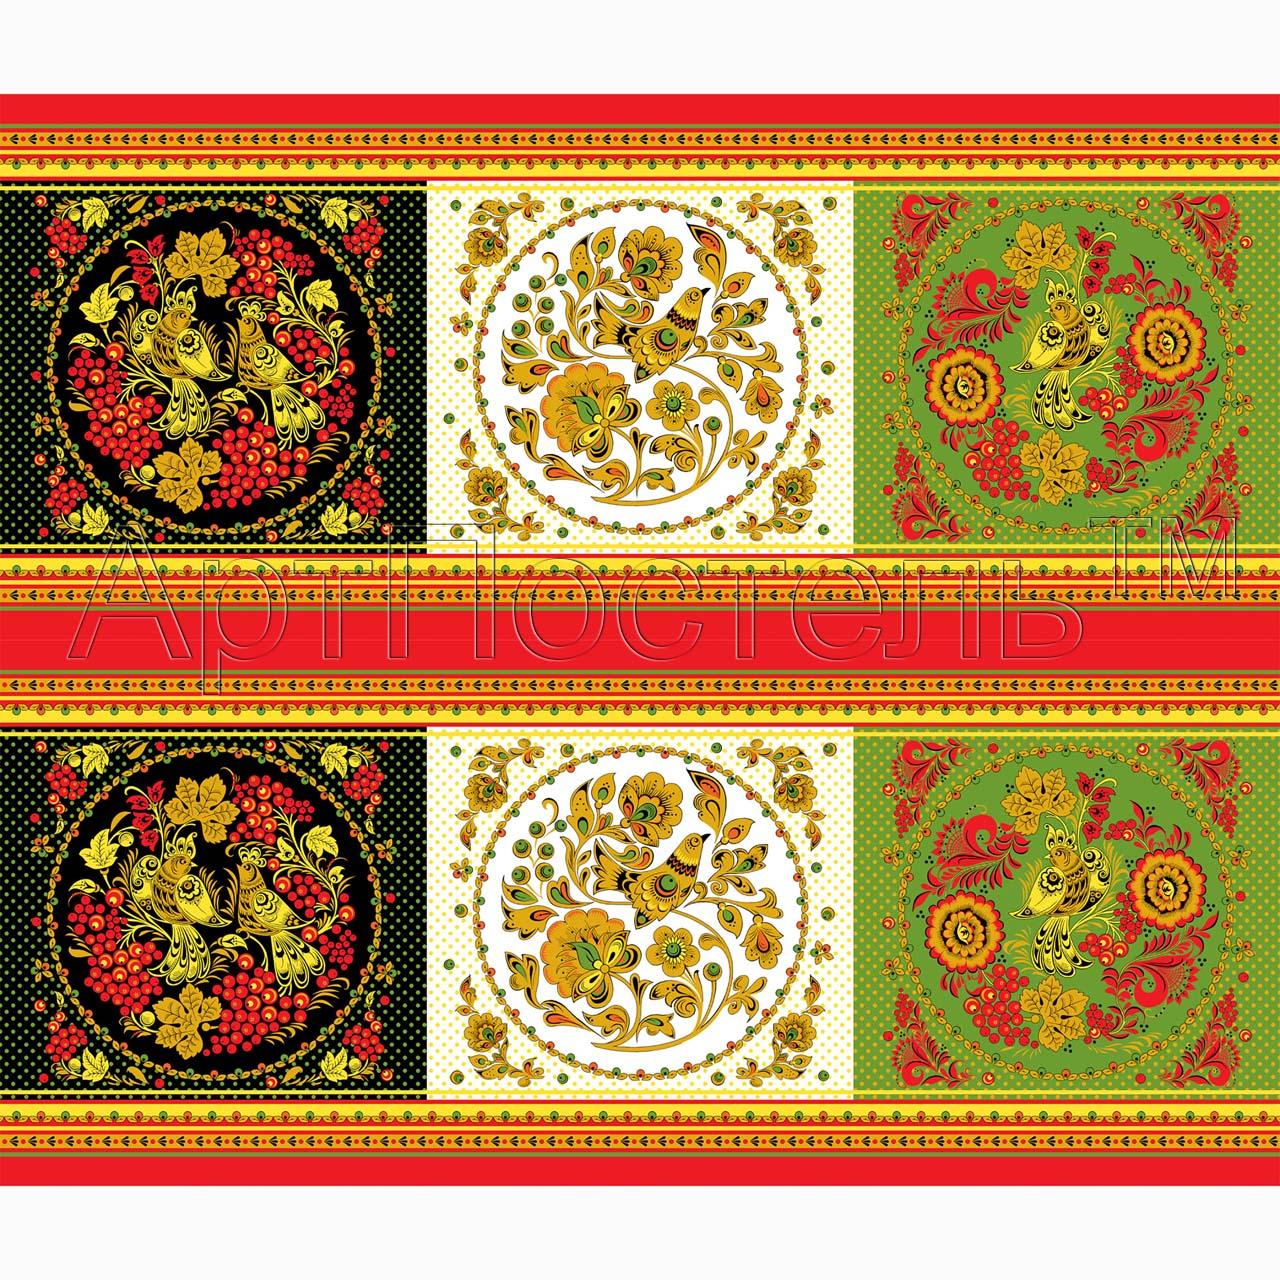 Набор полотенец Золотая хохлома р. 45х60Вафельные полотенца<br>Плотность:160 г/кв. м<br><br>Тип: Набор полотенец<br>Размер: 45х60<br>Материал: Вафельное полотно